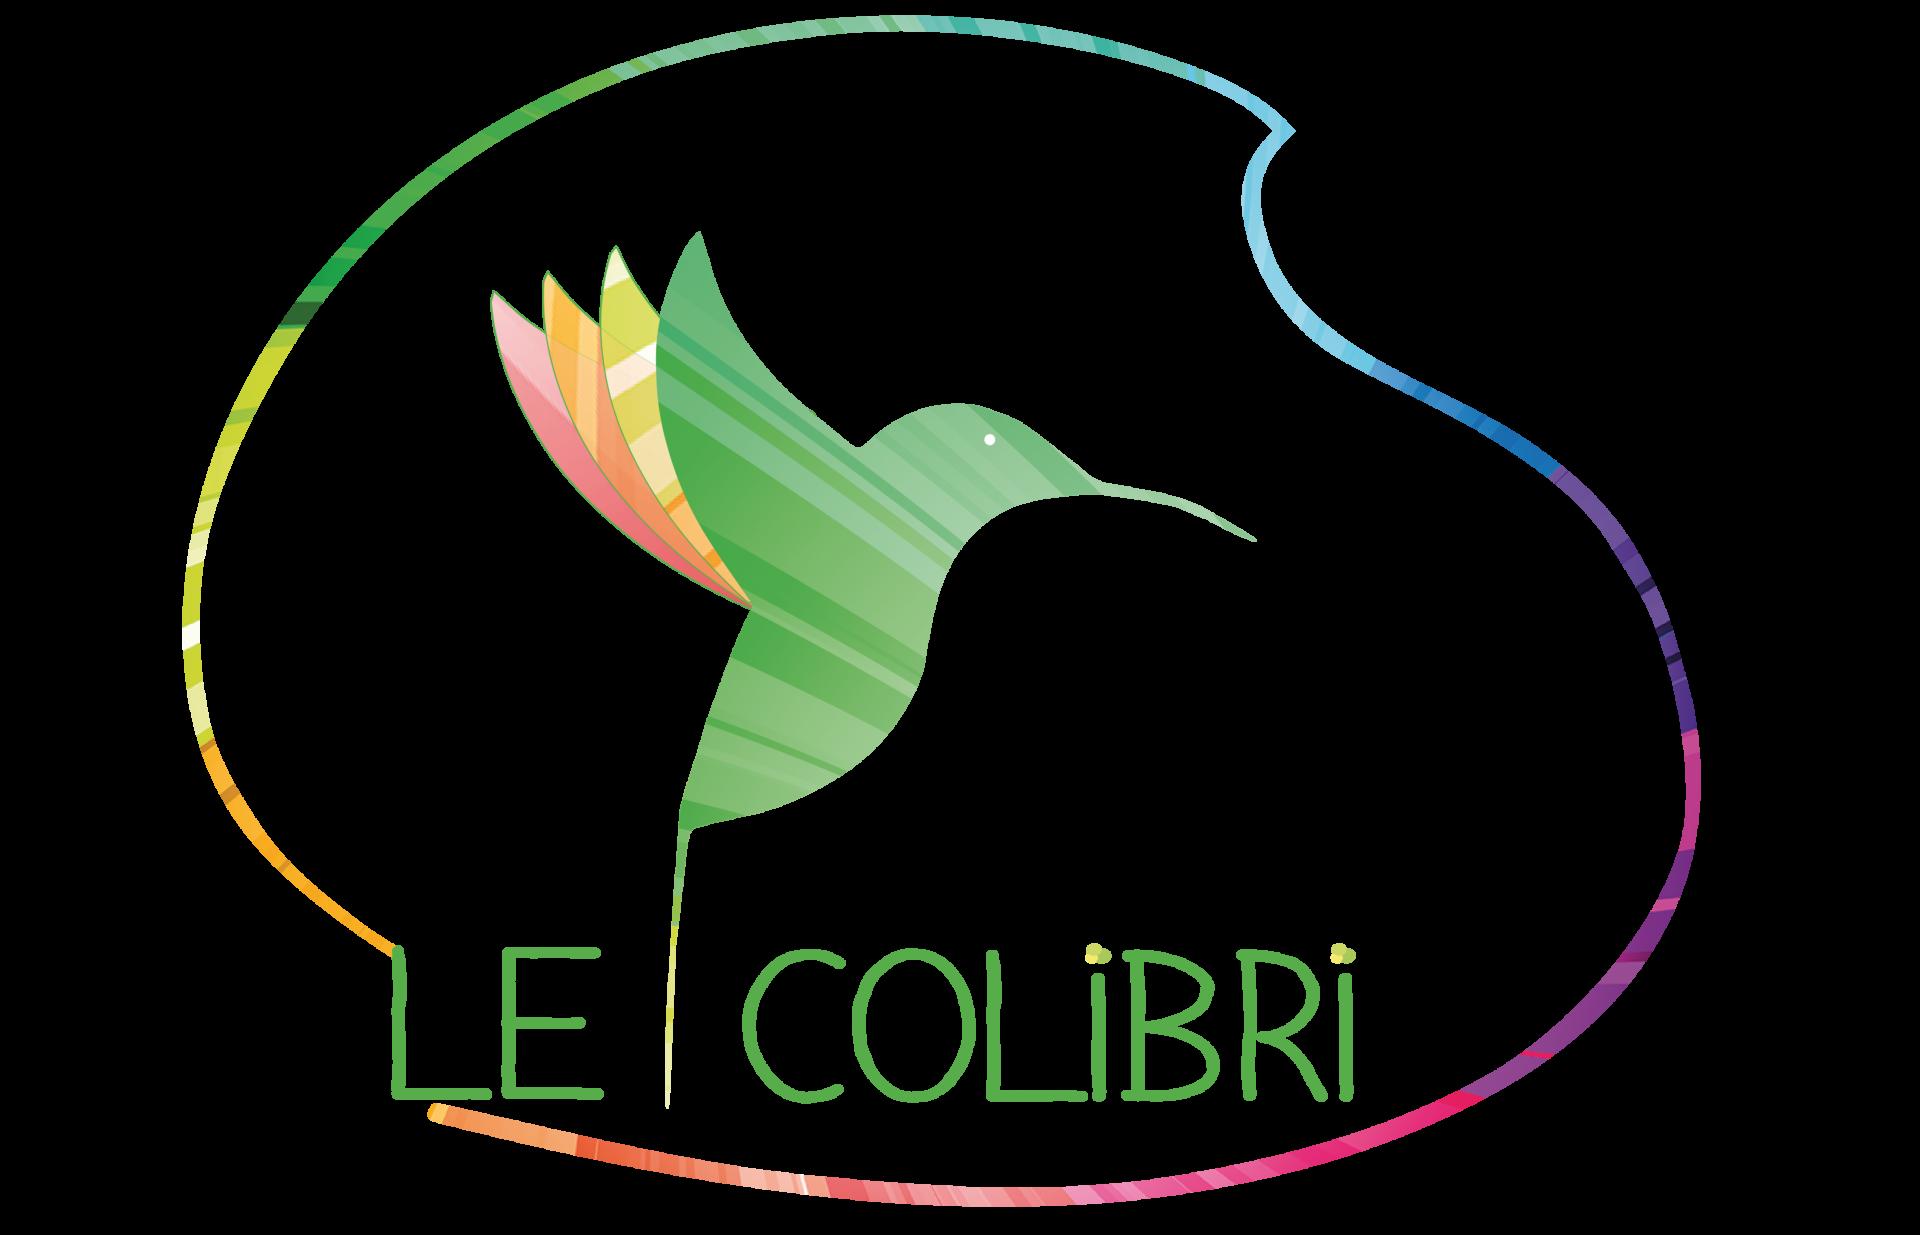 LOGO-COLIBRI_HD